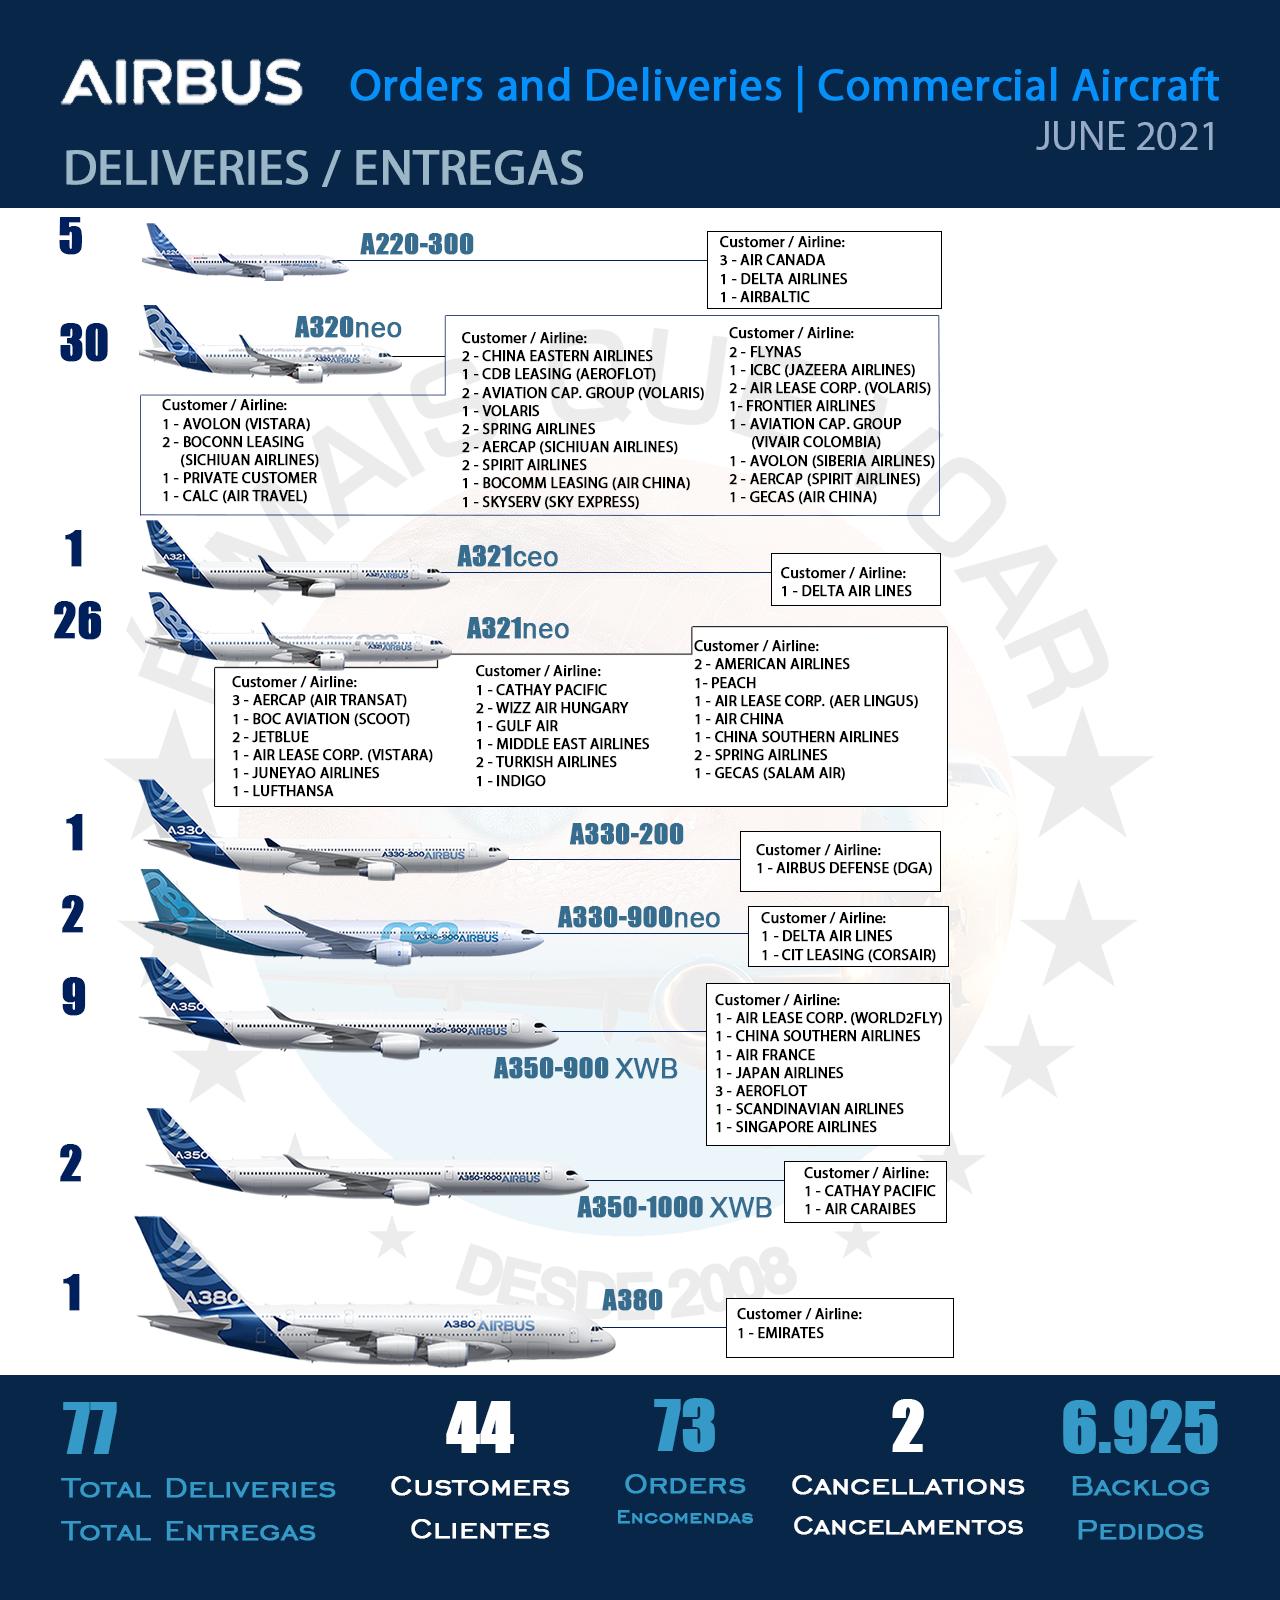 INFOGRÁFICO: Encomendas e Entregas Aeronaves Comerciais da Airbus – Junho 2021 | É MAIS QUE VOAR